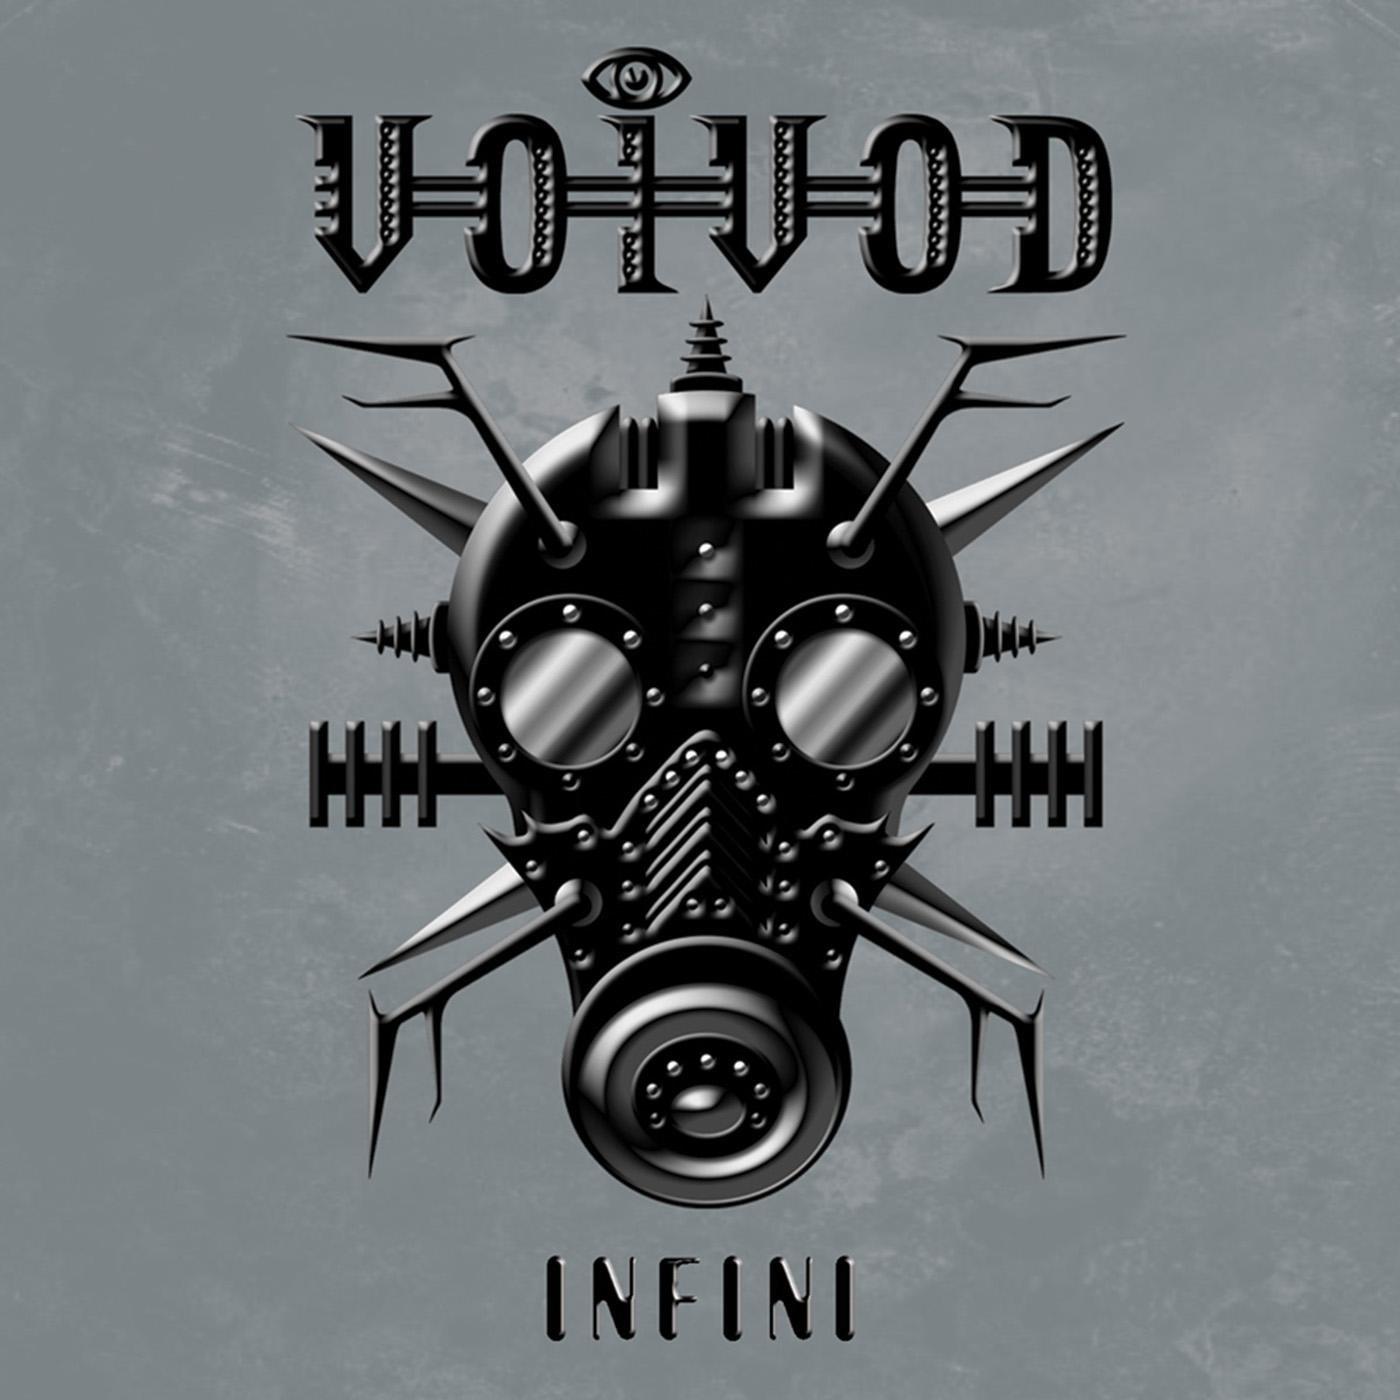 Voivod - Infini [2xLP]